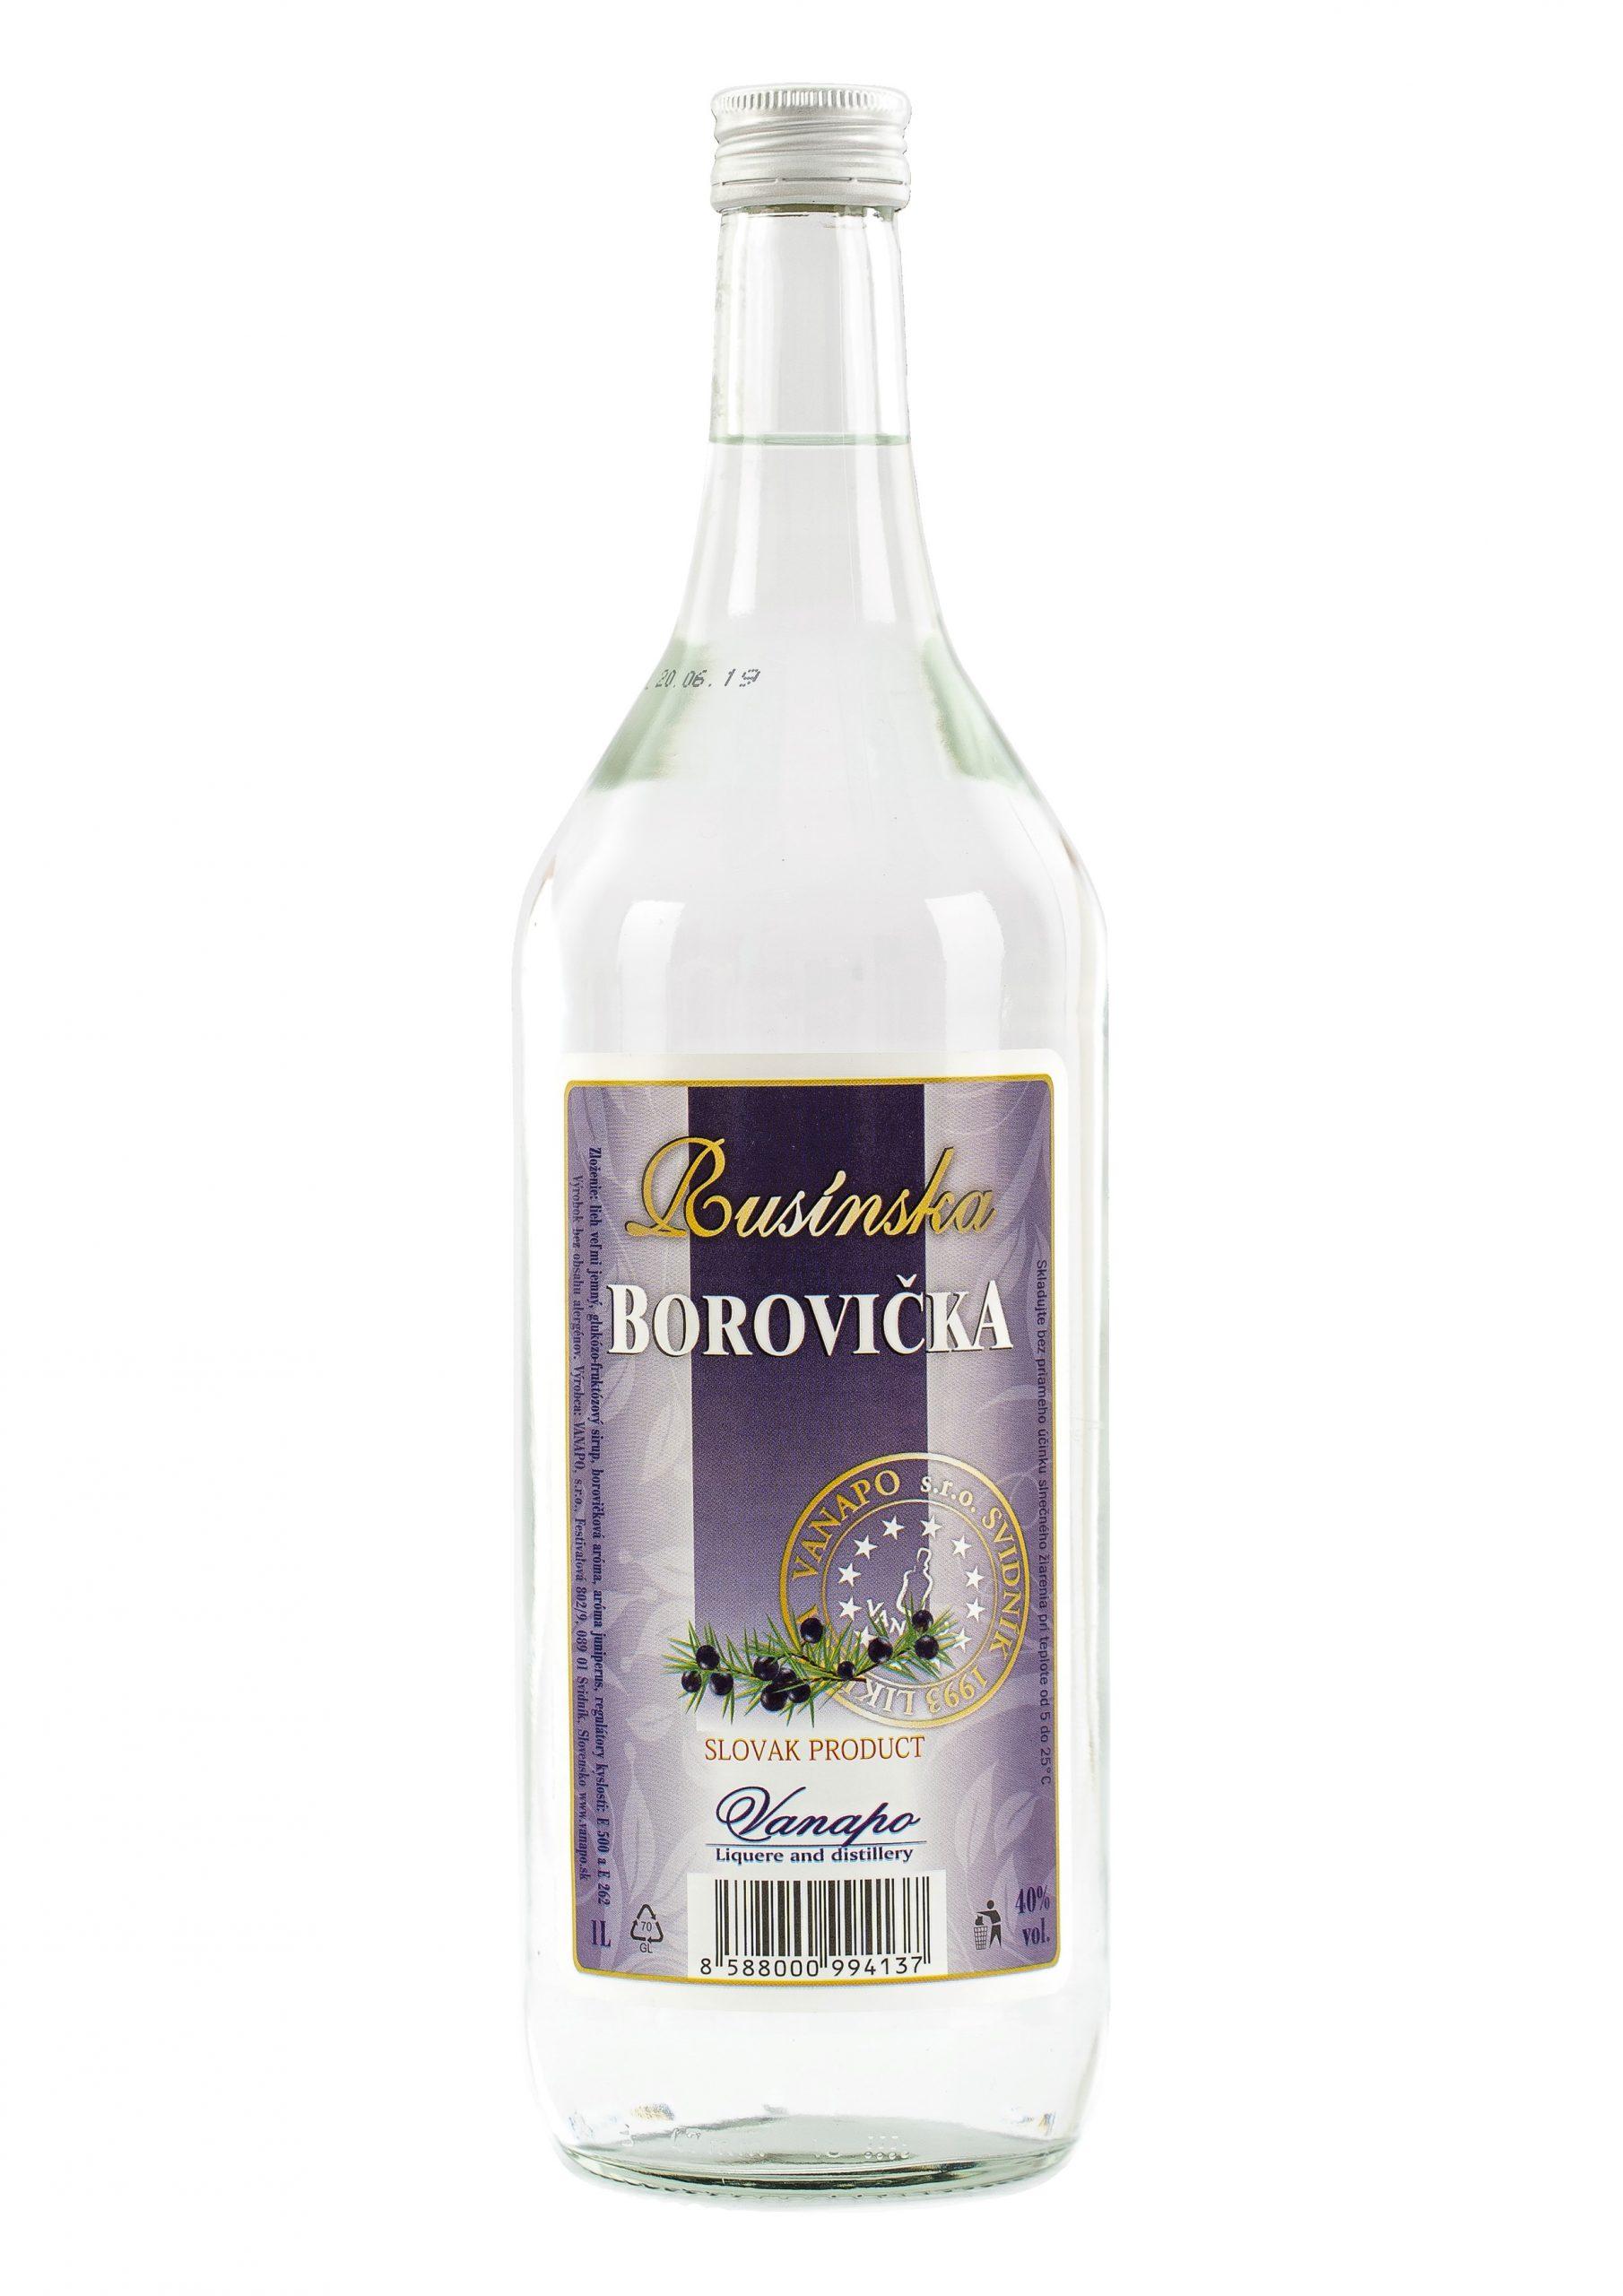 Rusinska Borovicka 40 scaled 1 - Rusínska borovička